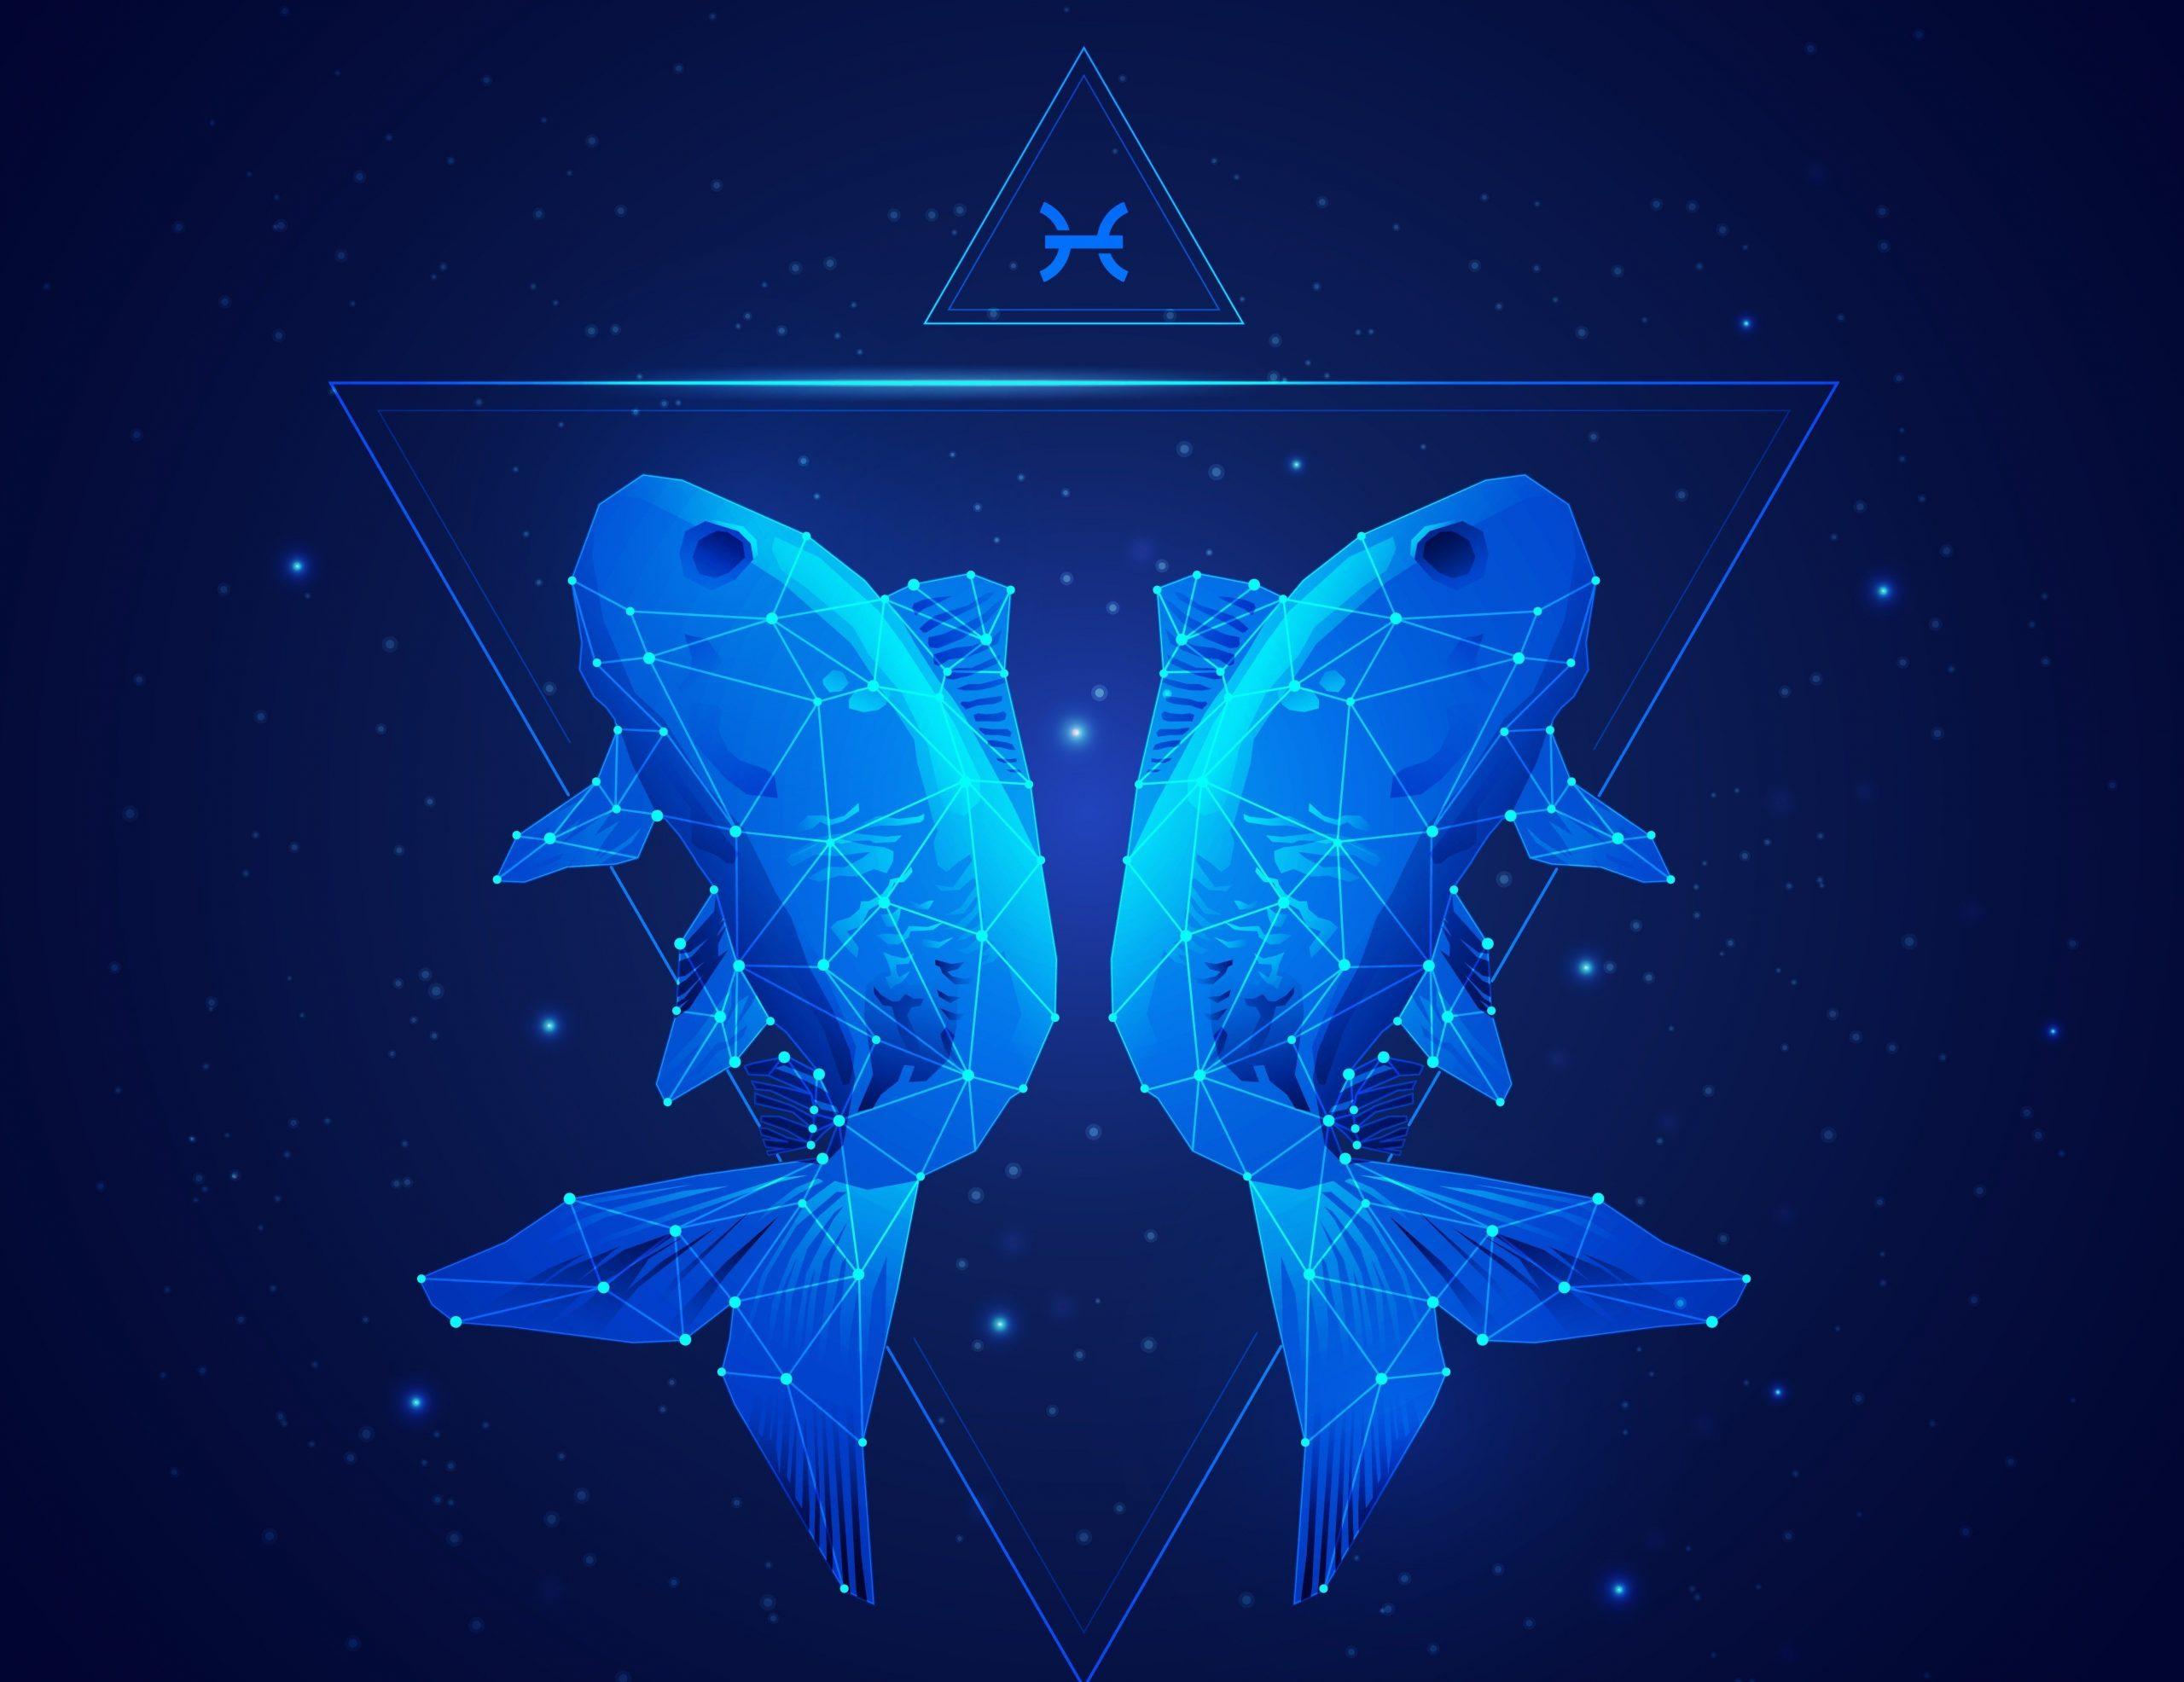 3991 Рыбы - гороскоп на декабрь 2020 года